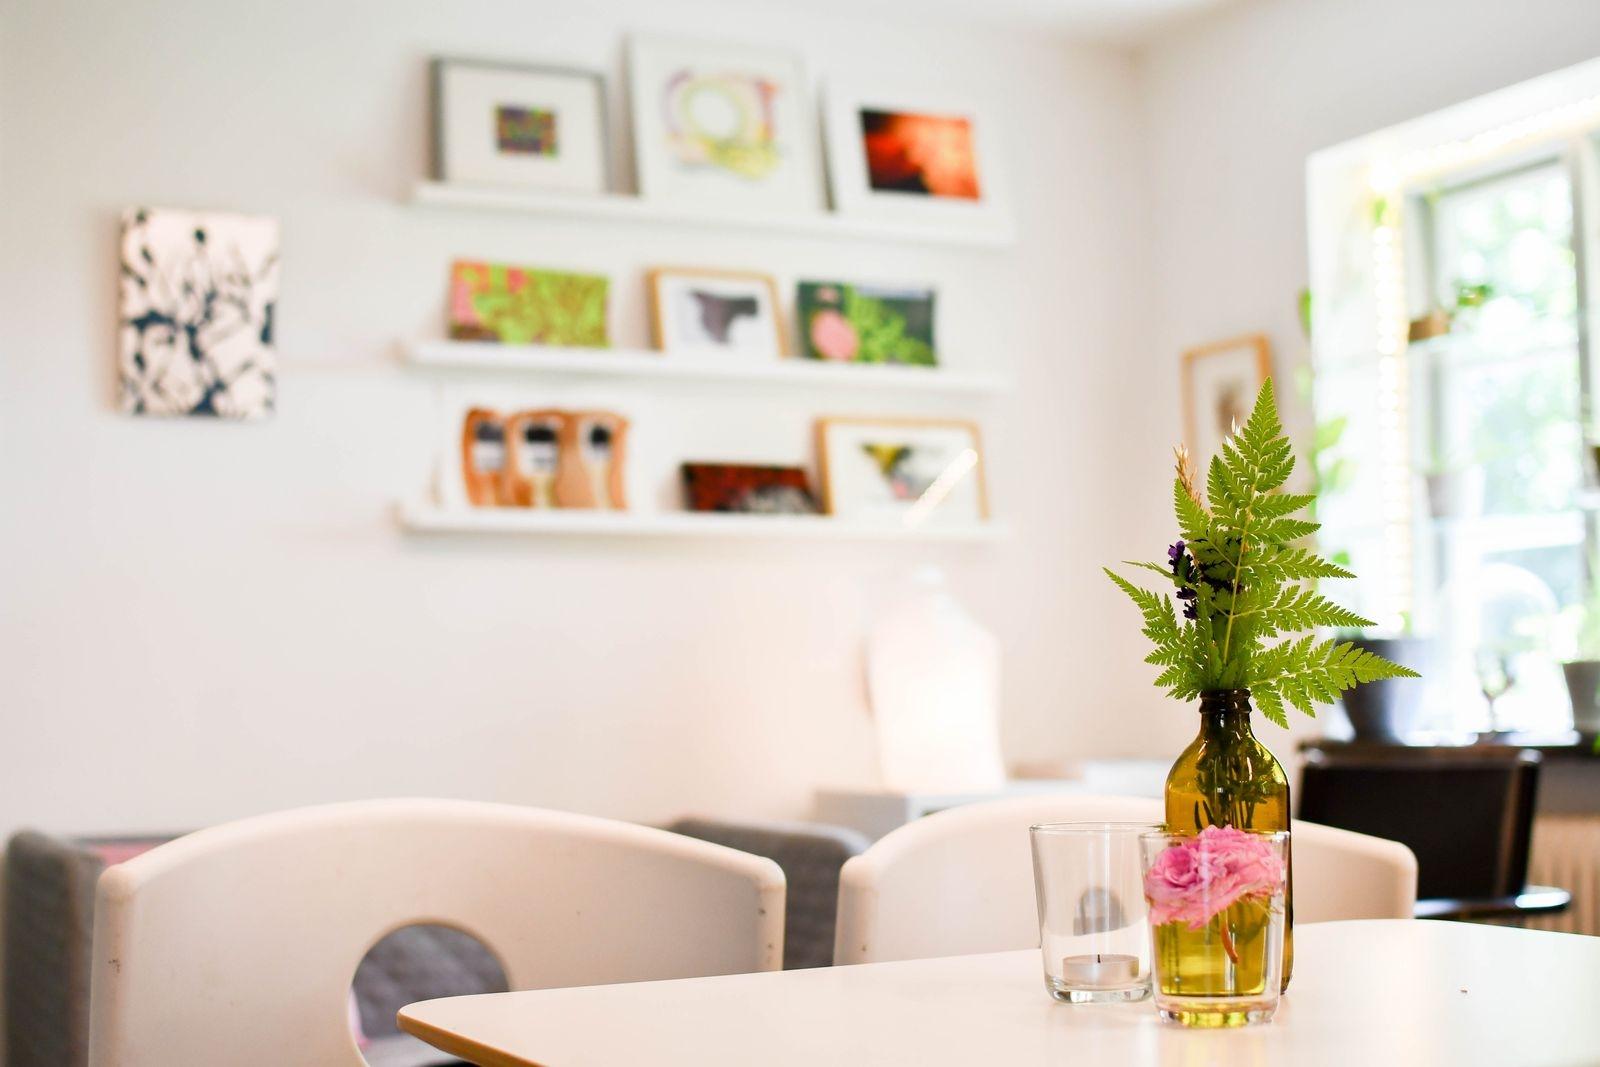 Det finns gott om plats för cafégästerna att sprida ut sig på, både inomhus och utomhus.